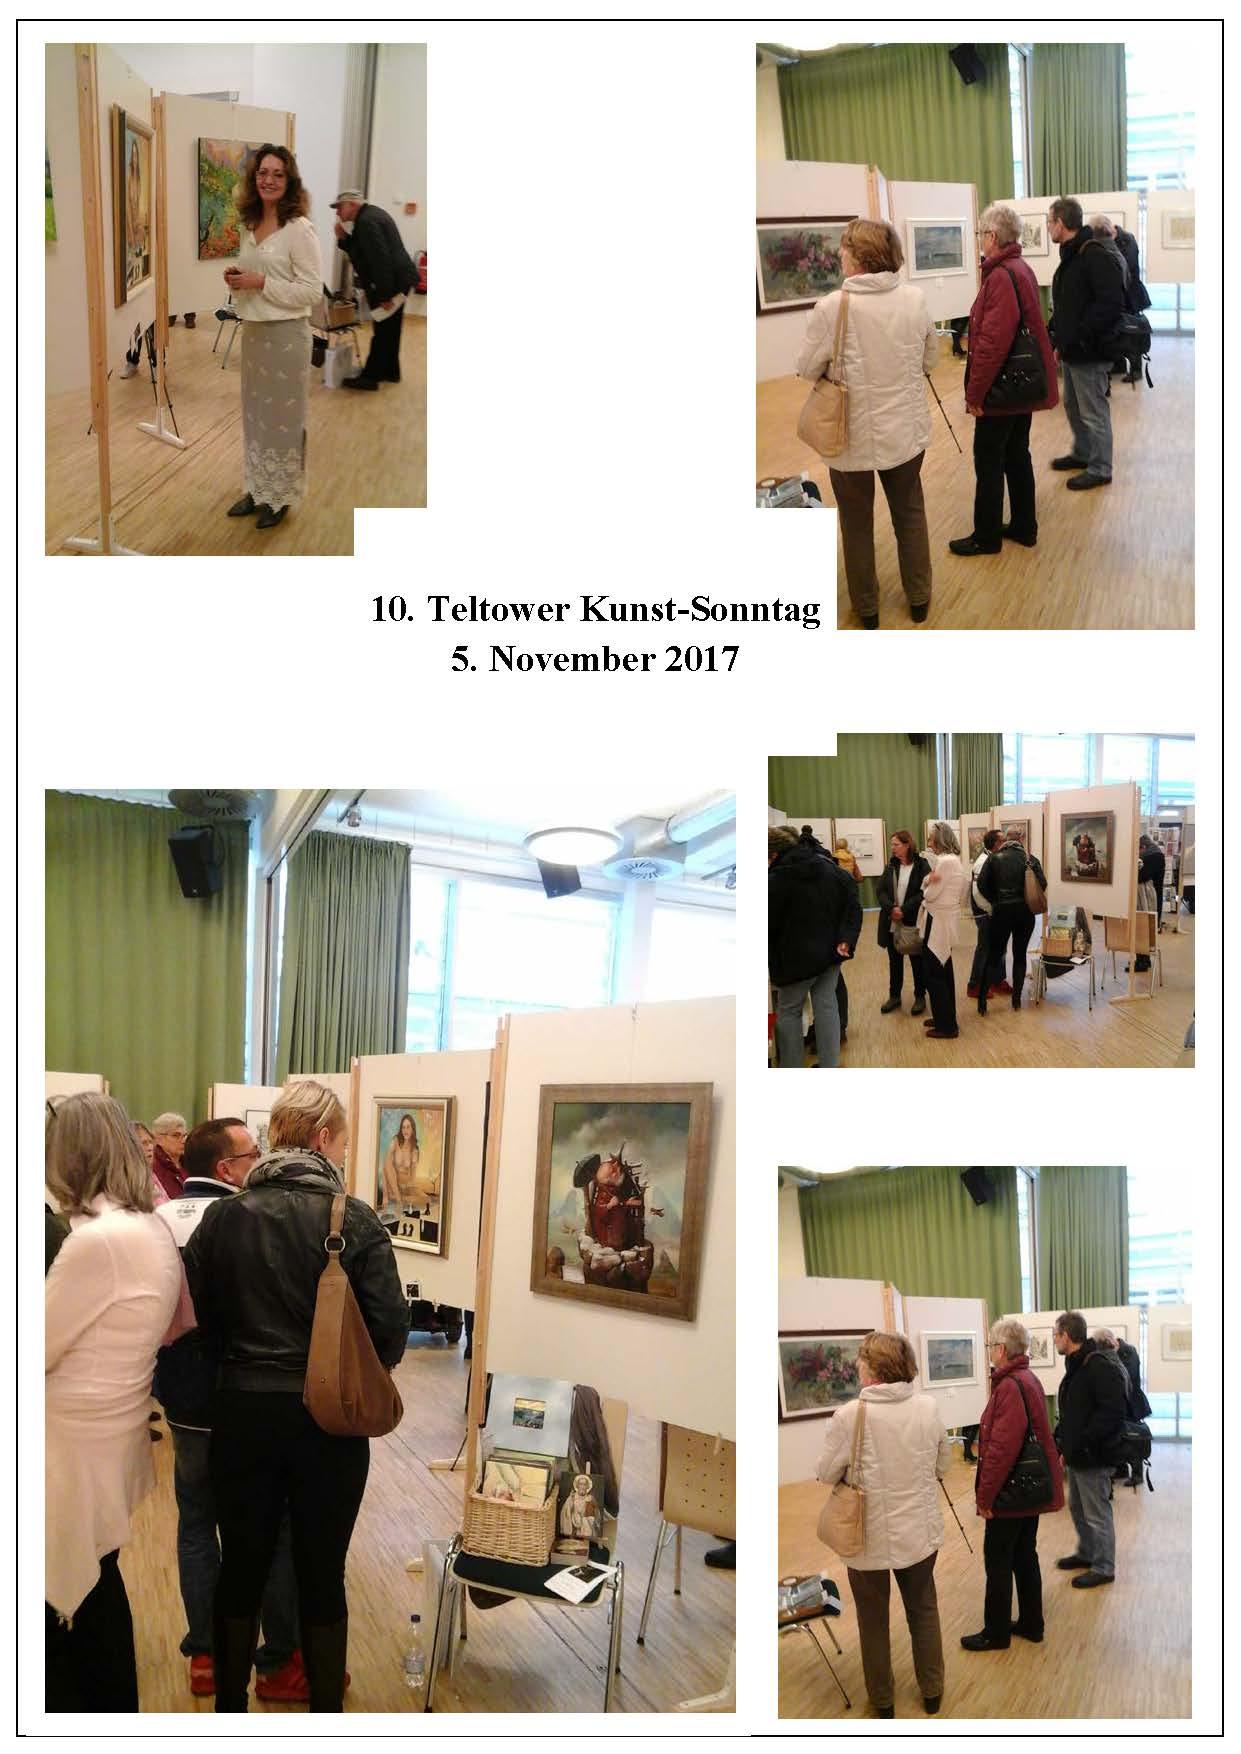 Teltow, Kunnstsontag, Galerie Fedorova präsentiert ihre Künstler